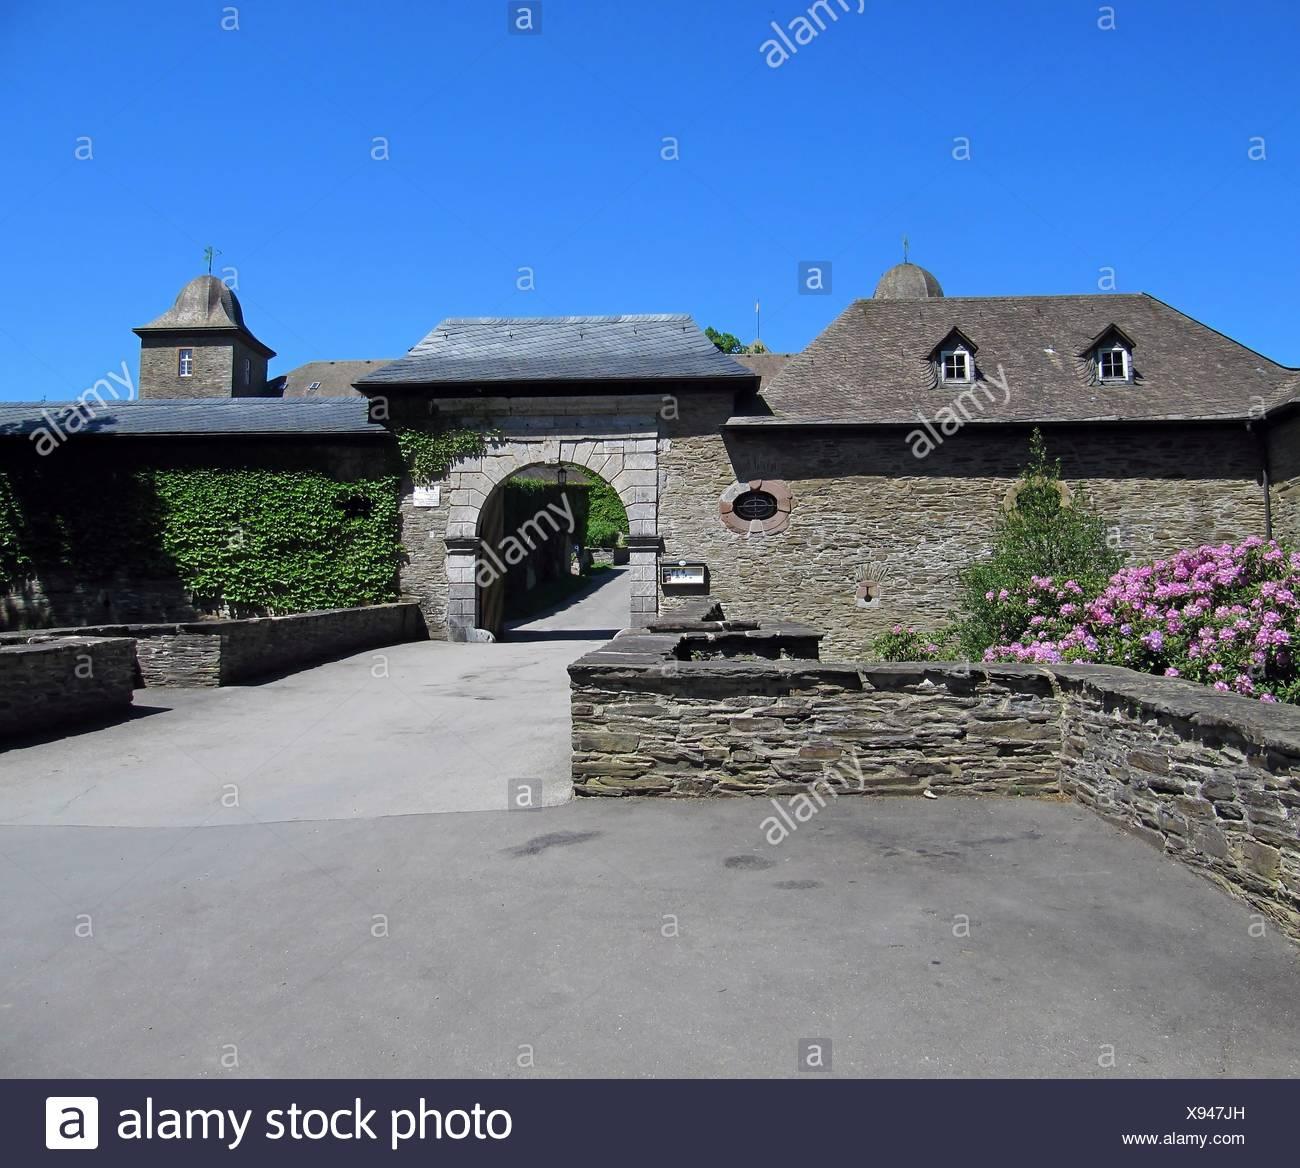 chateau, castle, chateau, castle, burg schnellenberg, attendorn, sauerland, Stock Photo